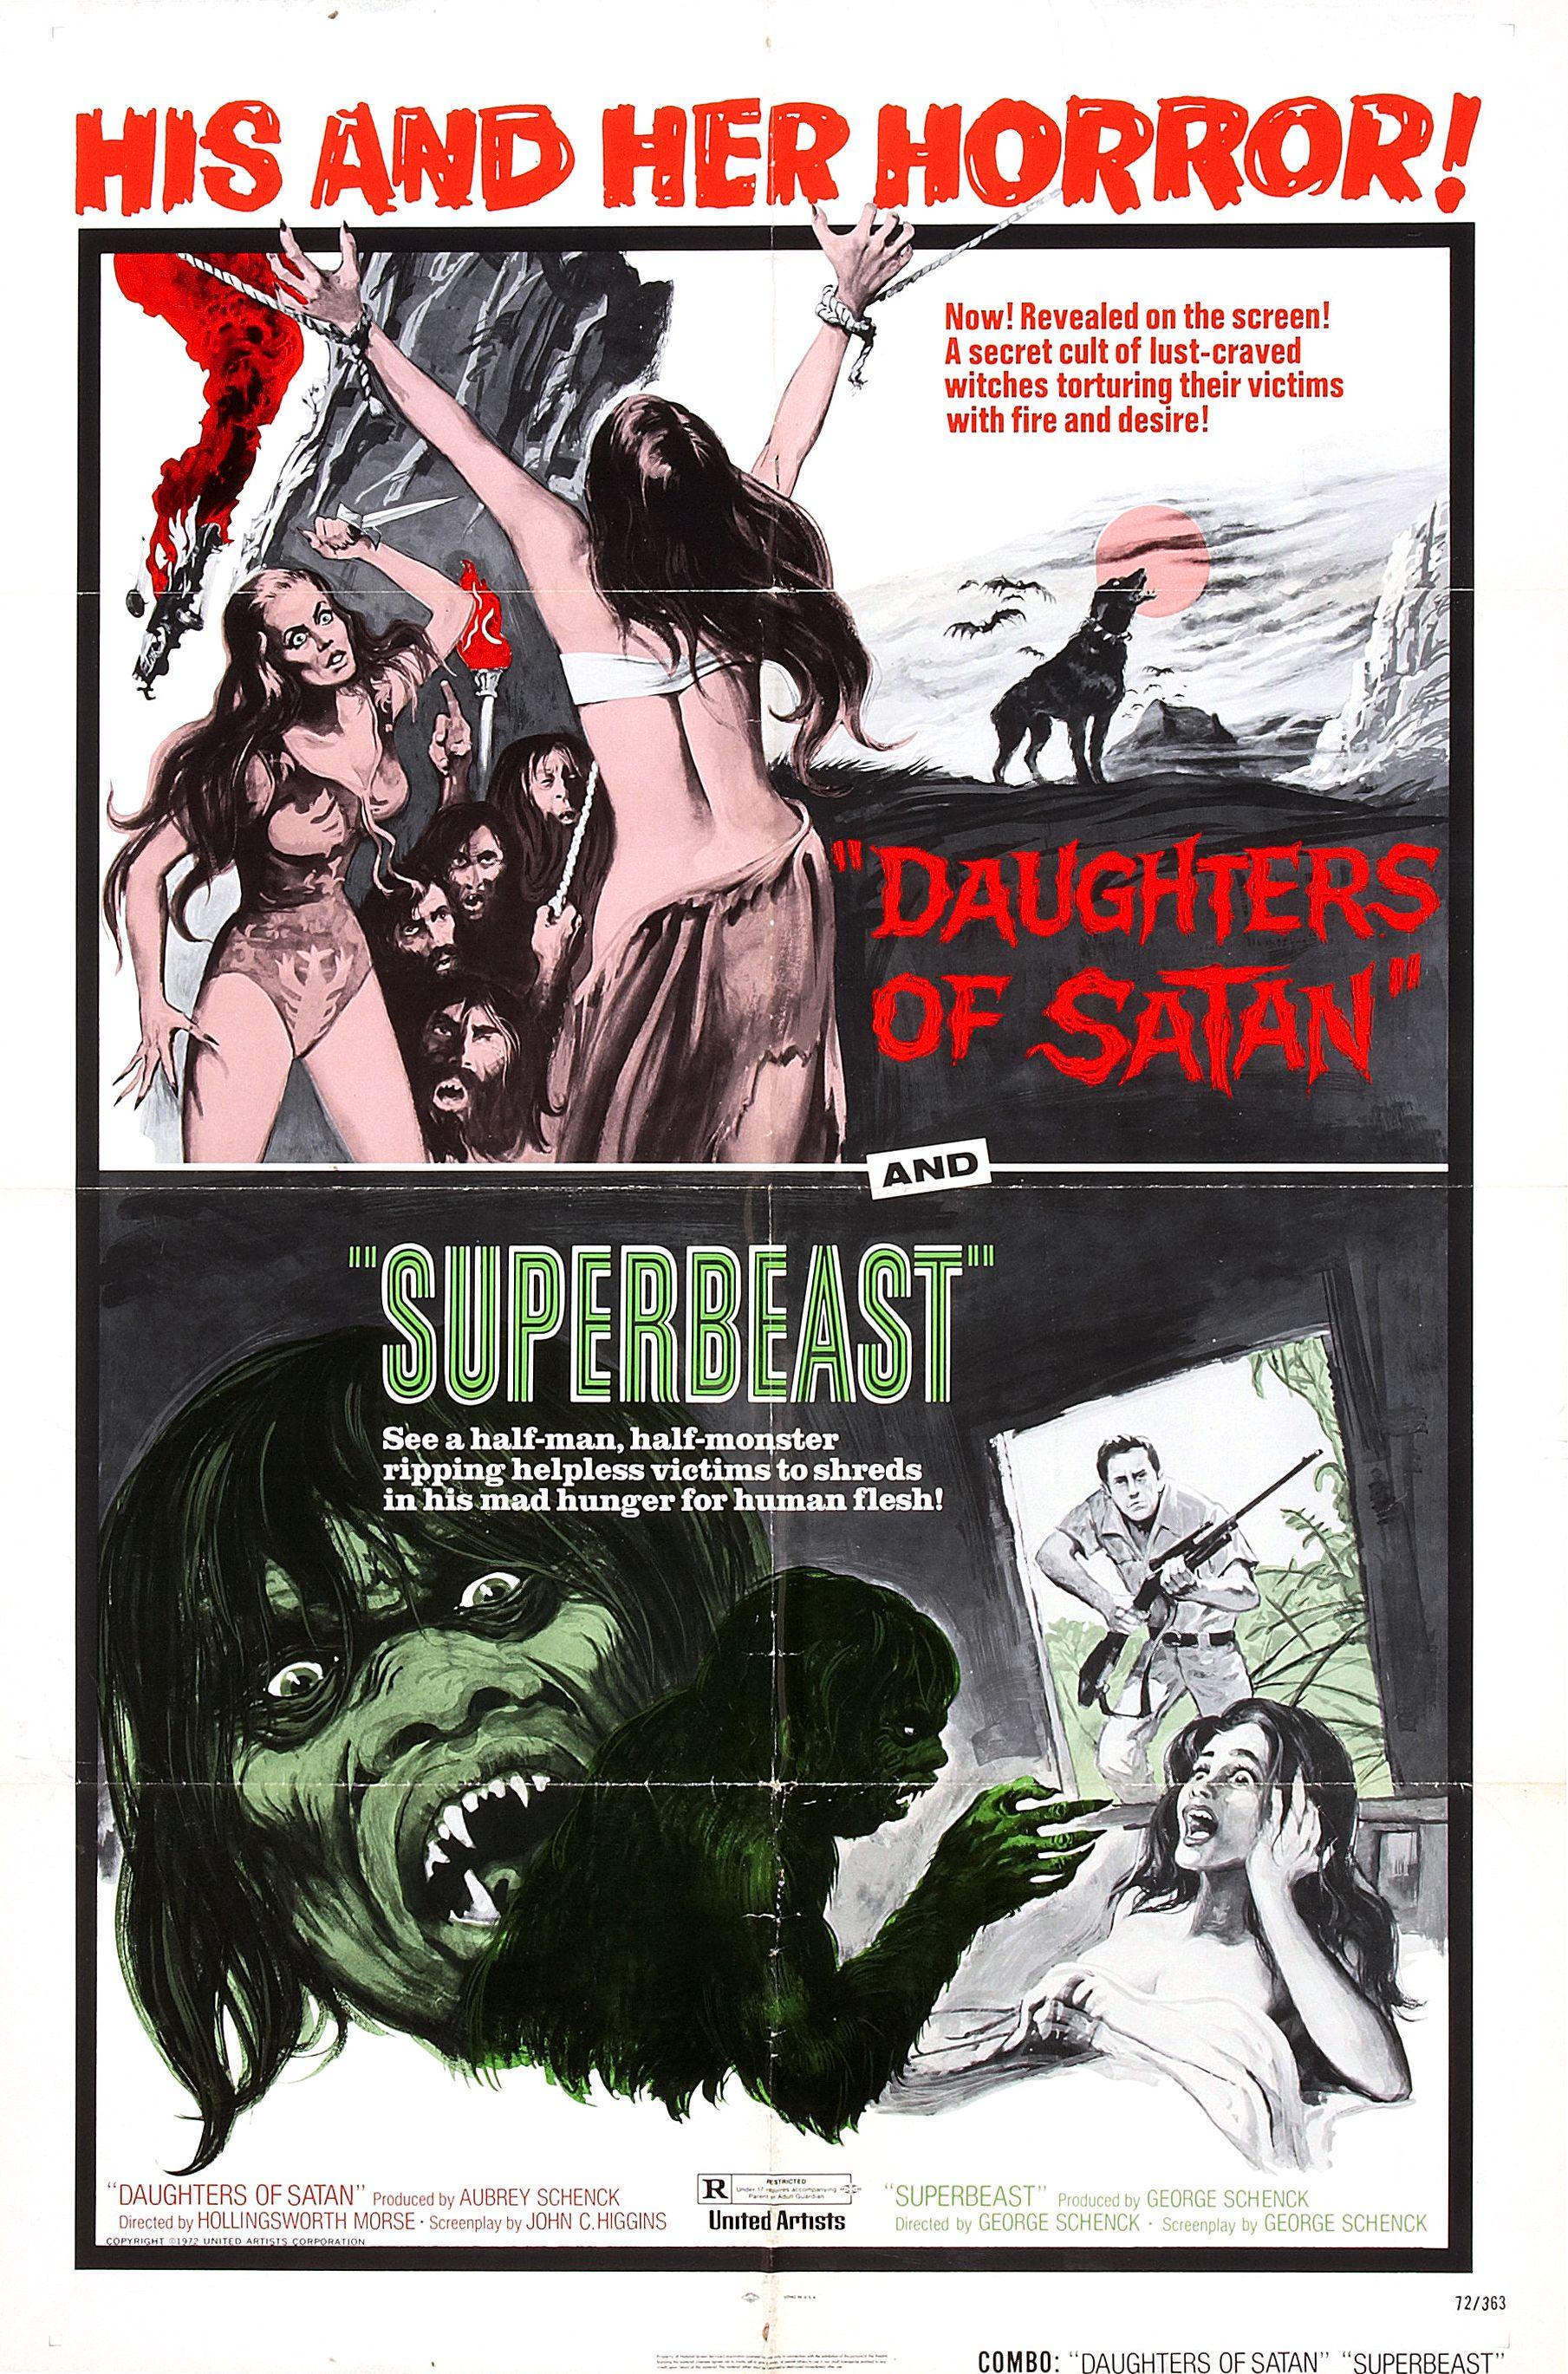 Daughters of Satan (1972) / Superbeast (1972)